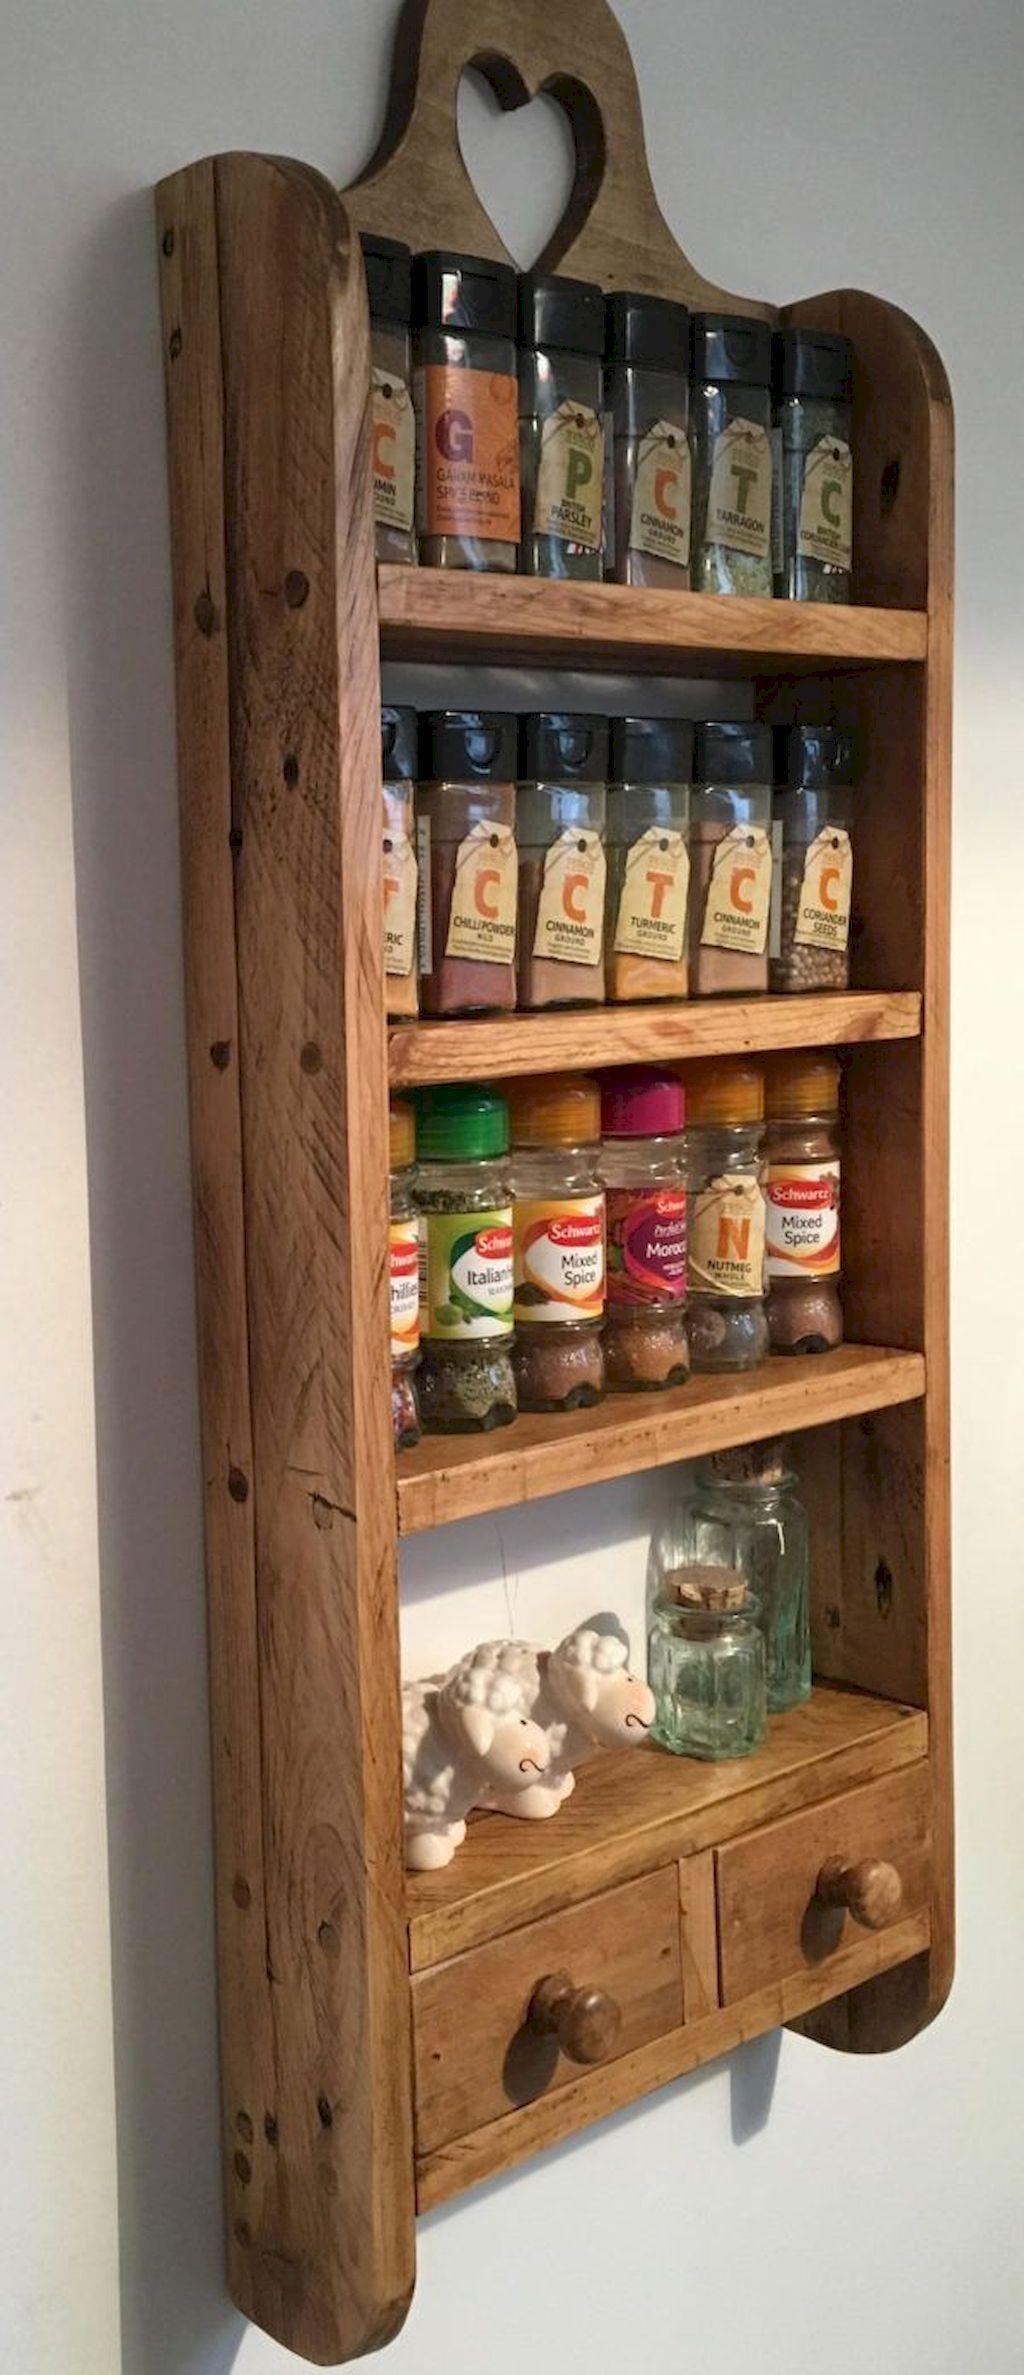 farmhouse spice rack ideas